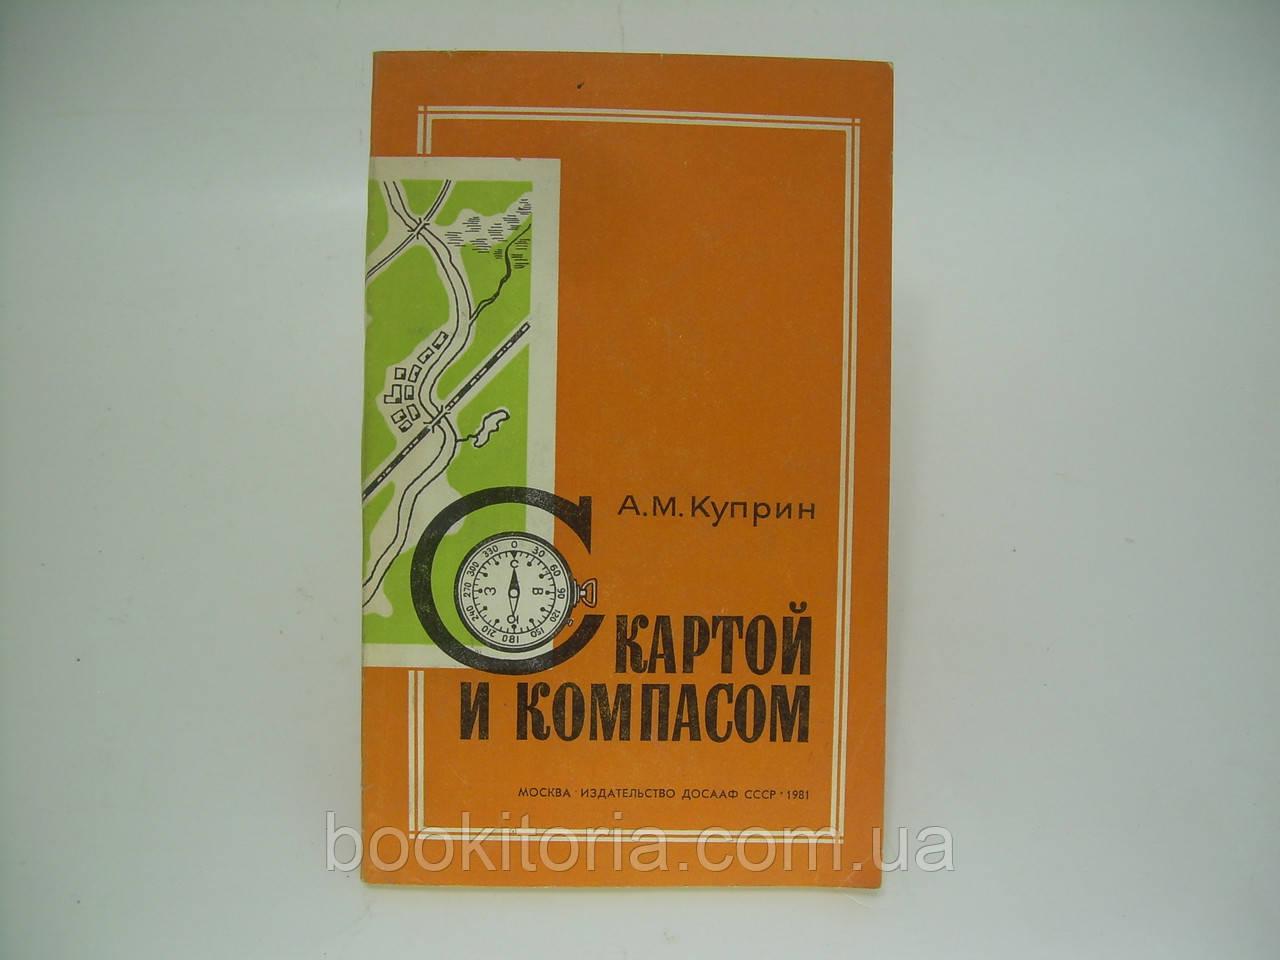 Куприн А.М. С картой и компасом (б/у).